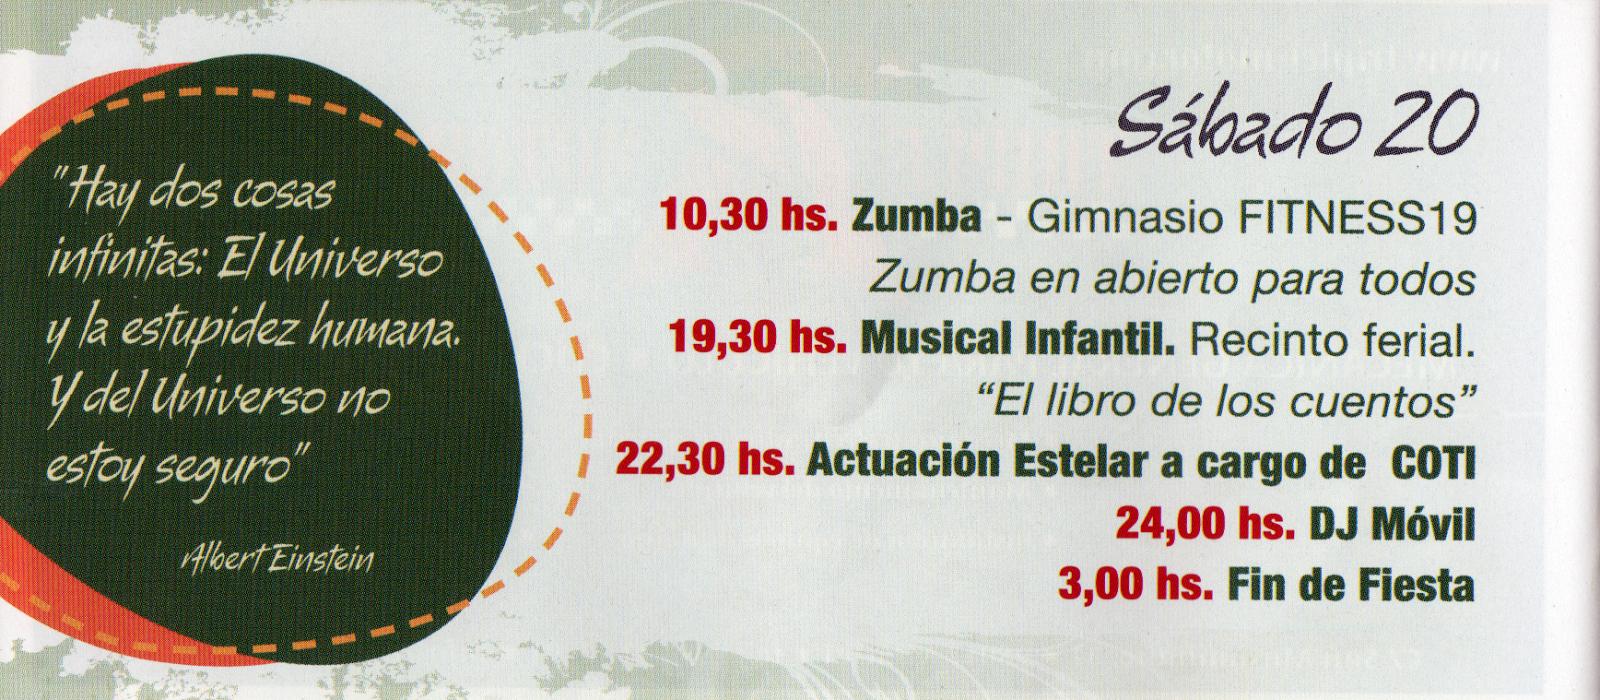 Fiesta de la Elipa 2014 - Programa de fiestas.